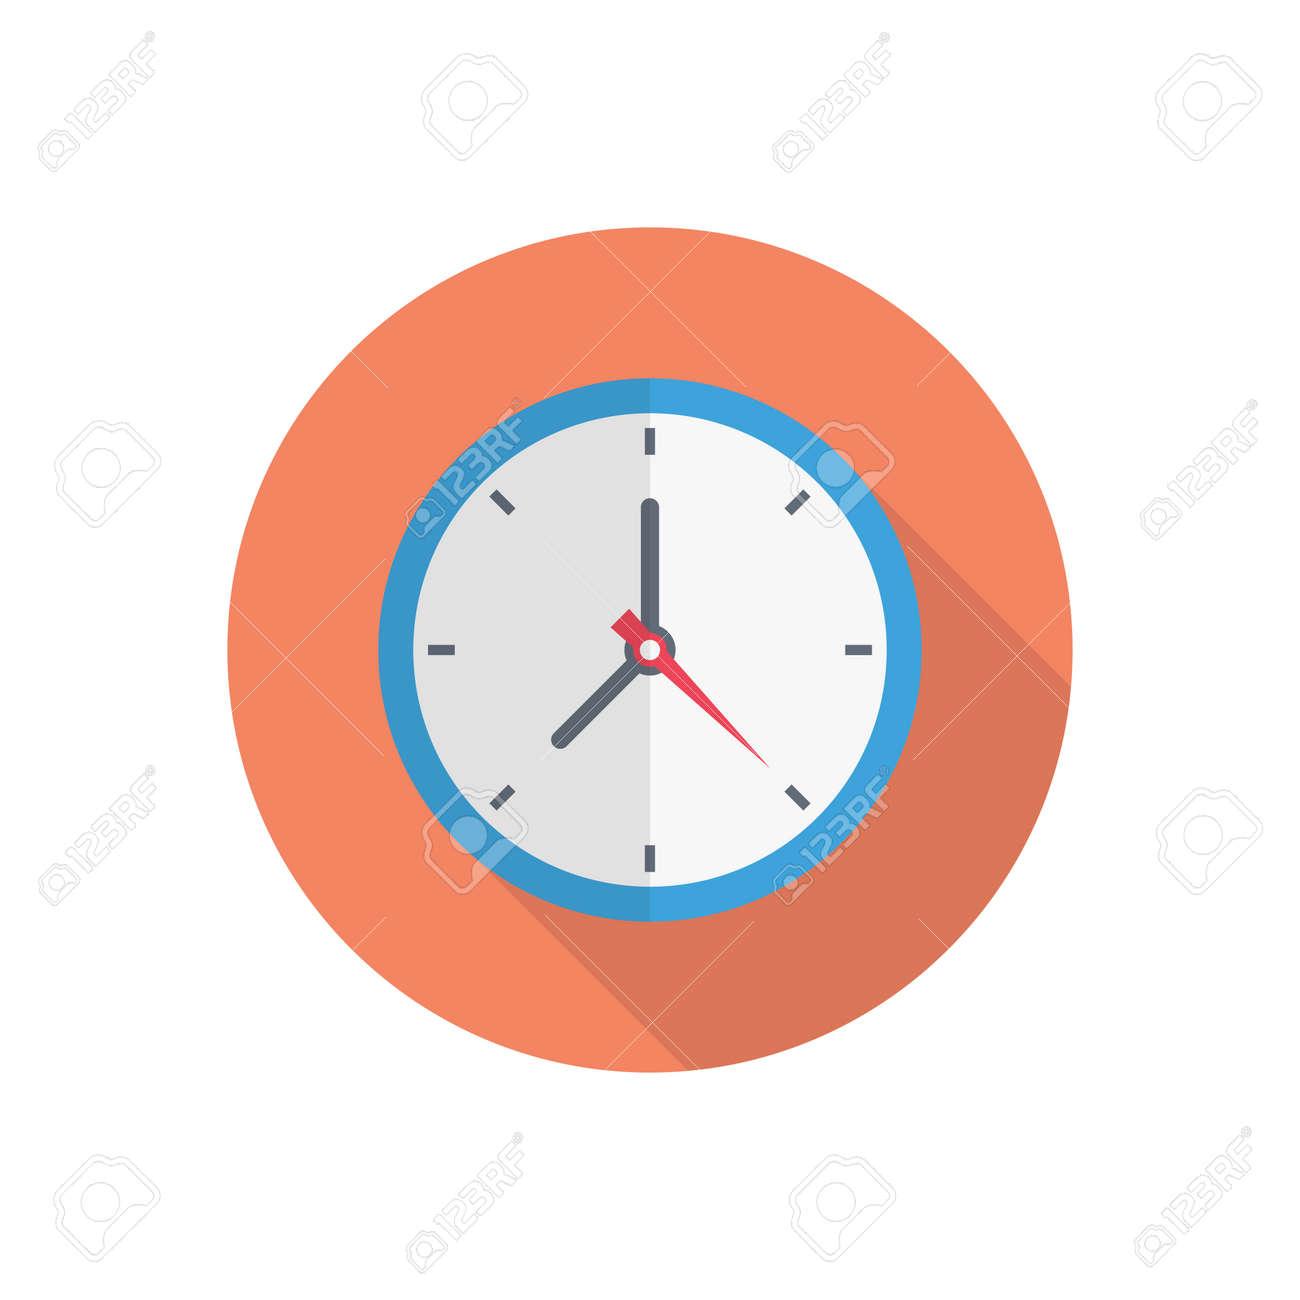 clock - 157636597